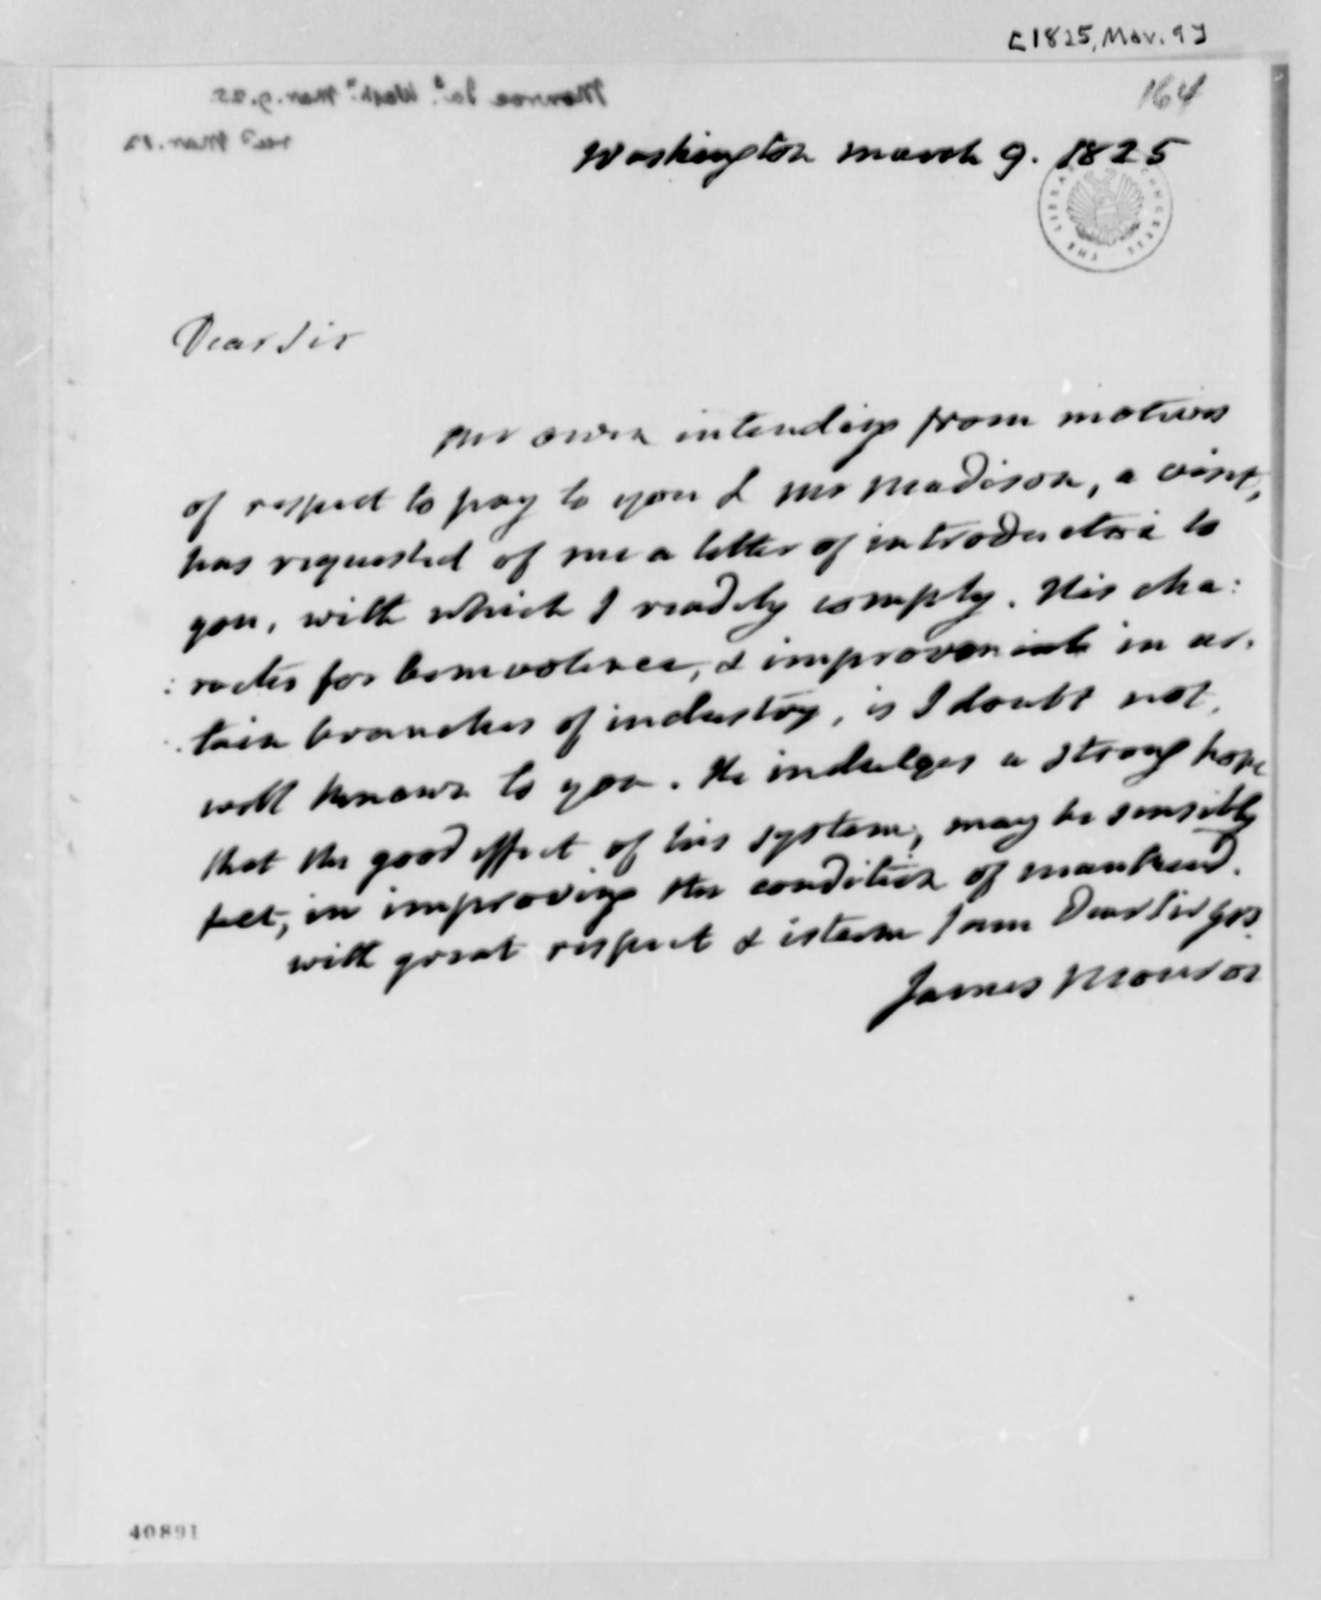 James Monroe to Thomas Jefferson, March 9, 1825